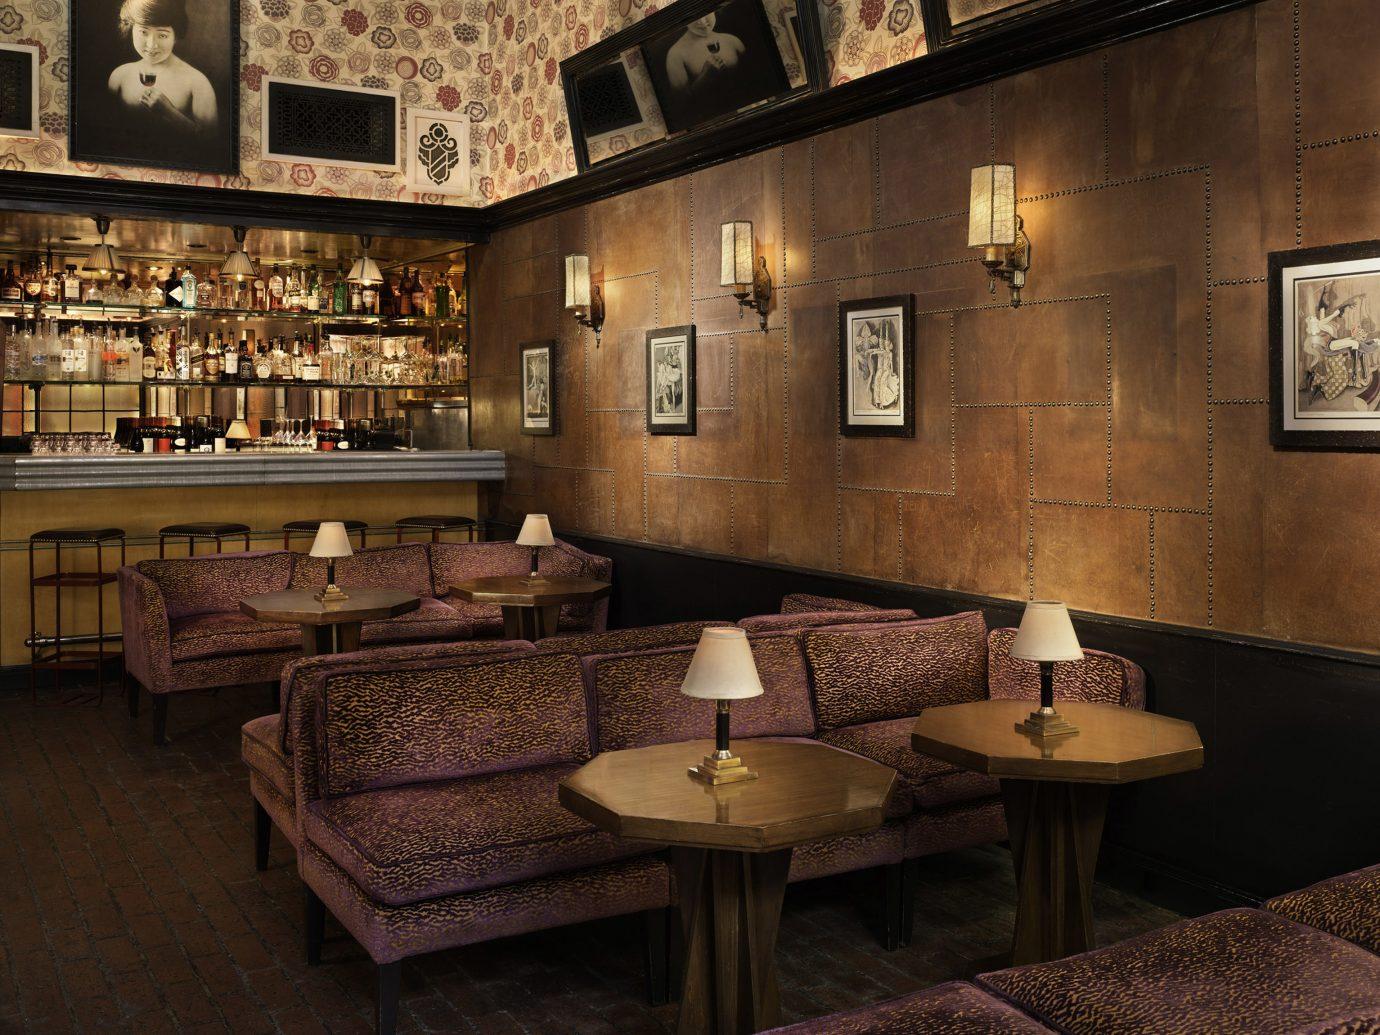 Restaurant at Chateau Marmont, LA